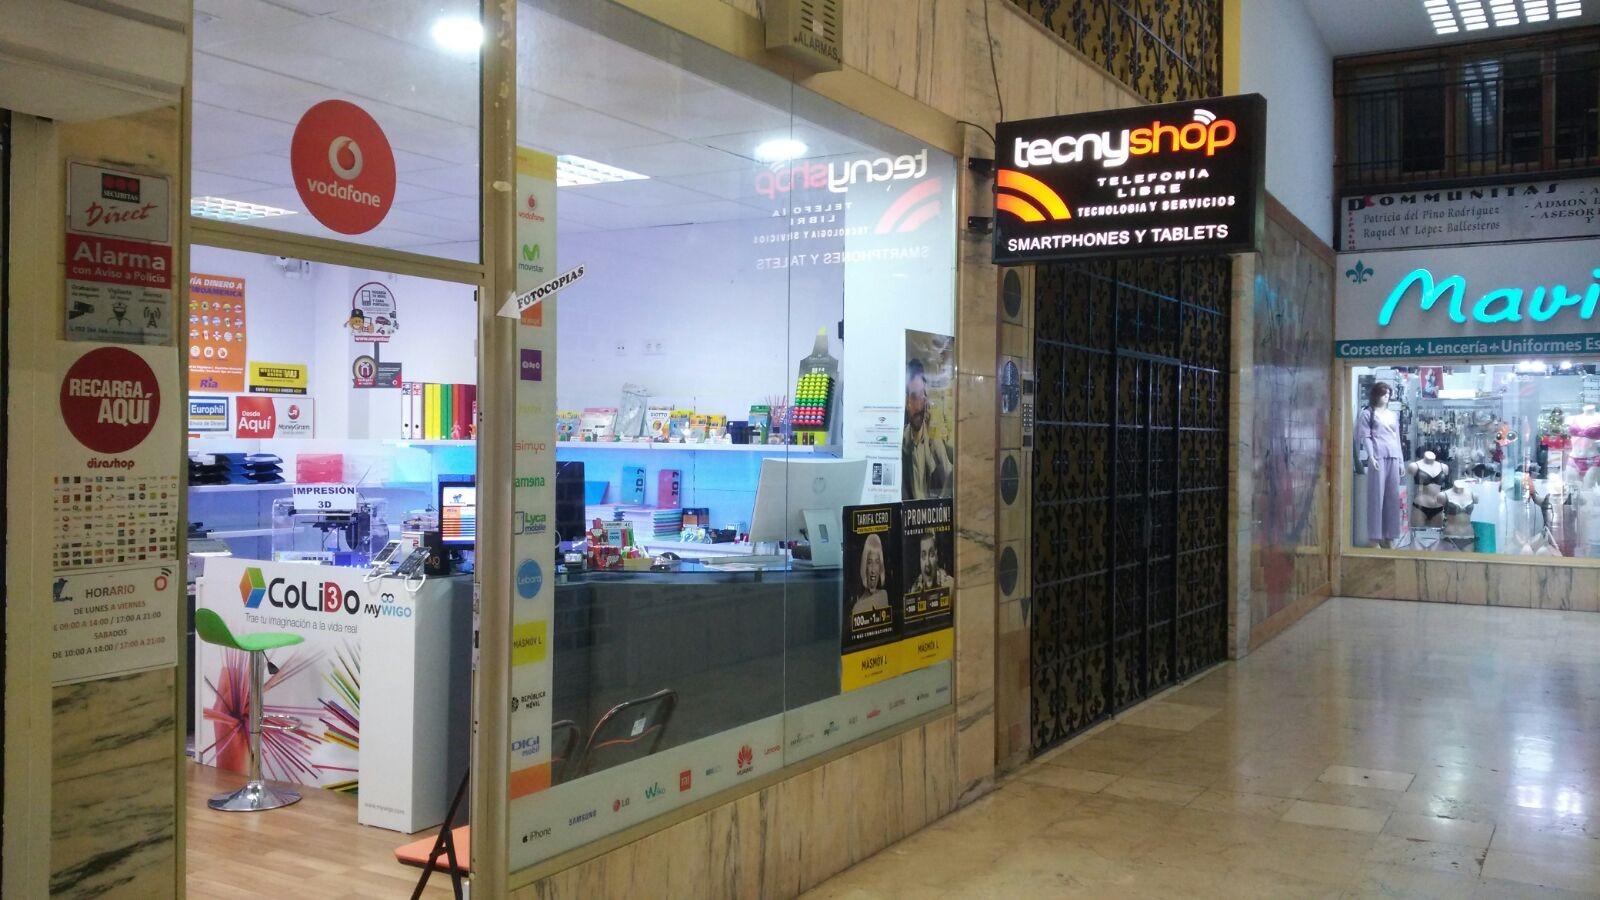 Tecnishop Algeciras, Nuevo Distribuidor Oficial CoLiDo